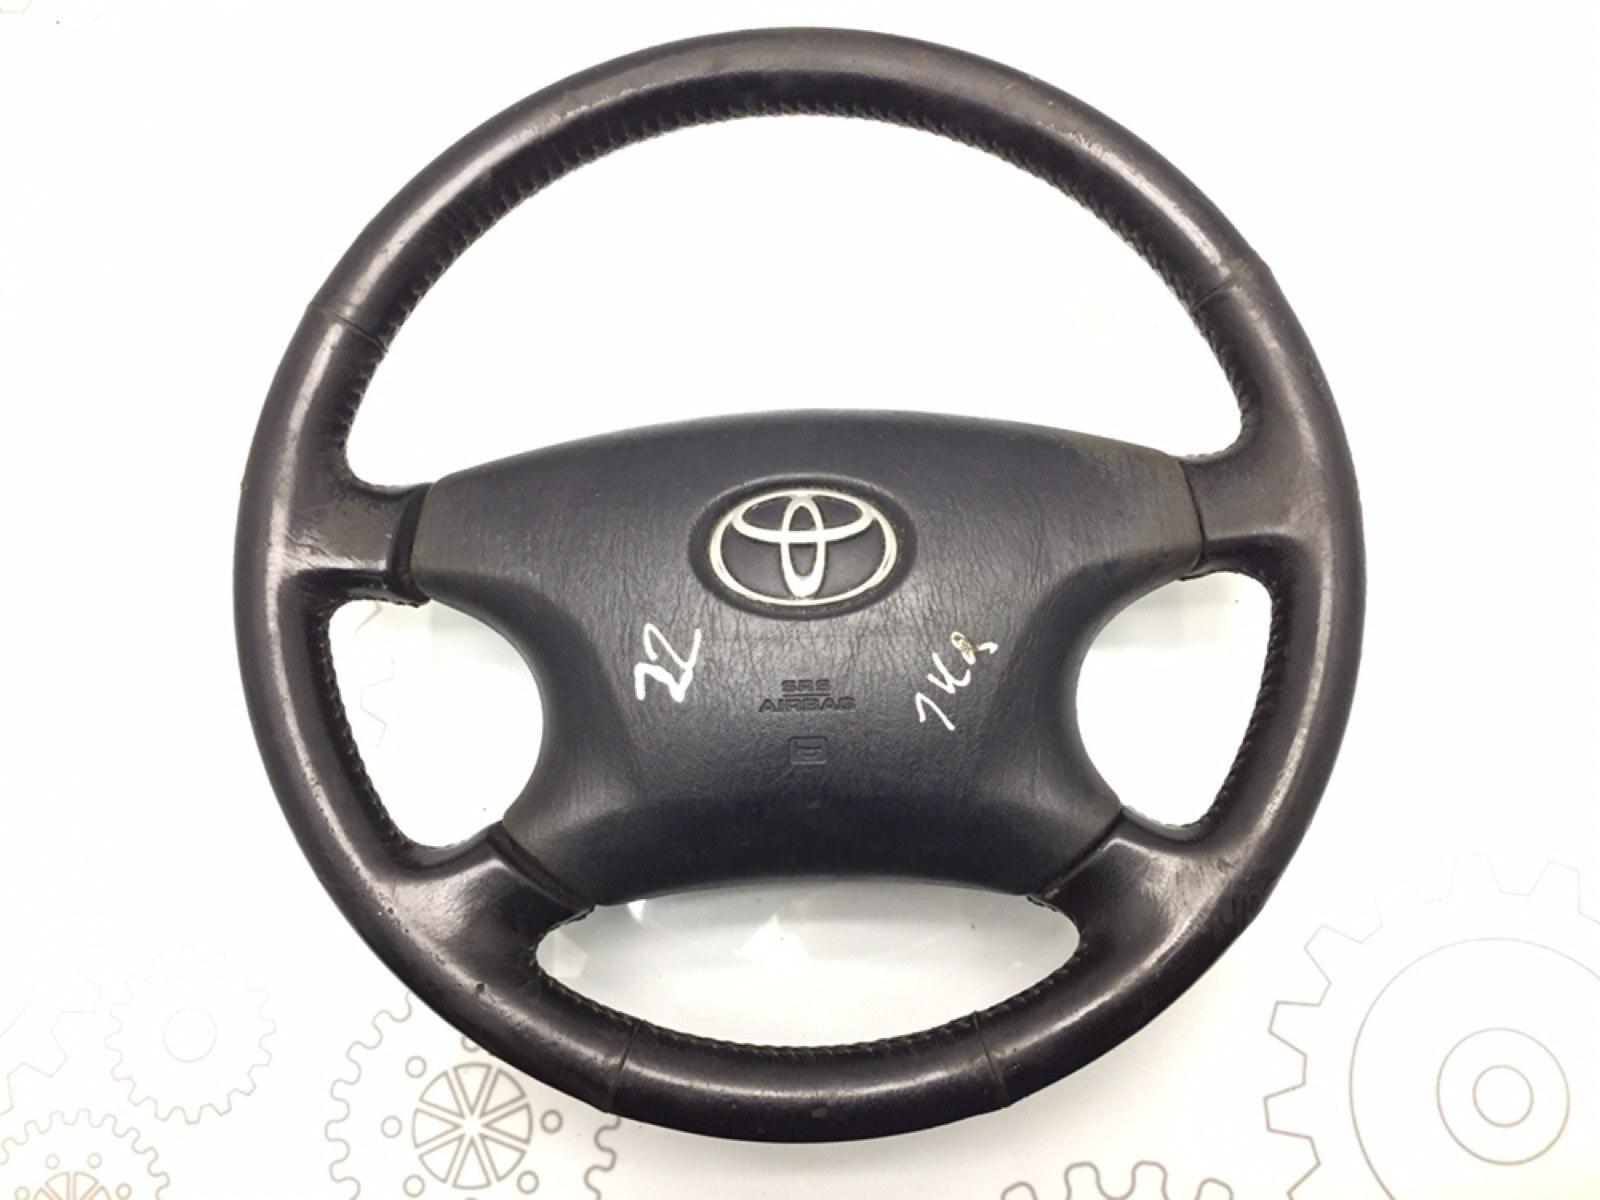 Руль Toyota Avensis Verso 2.0 D-4D 2002 (б/у)